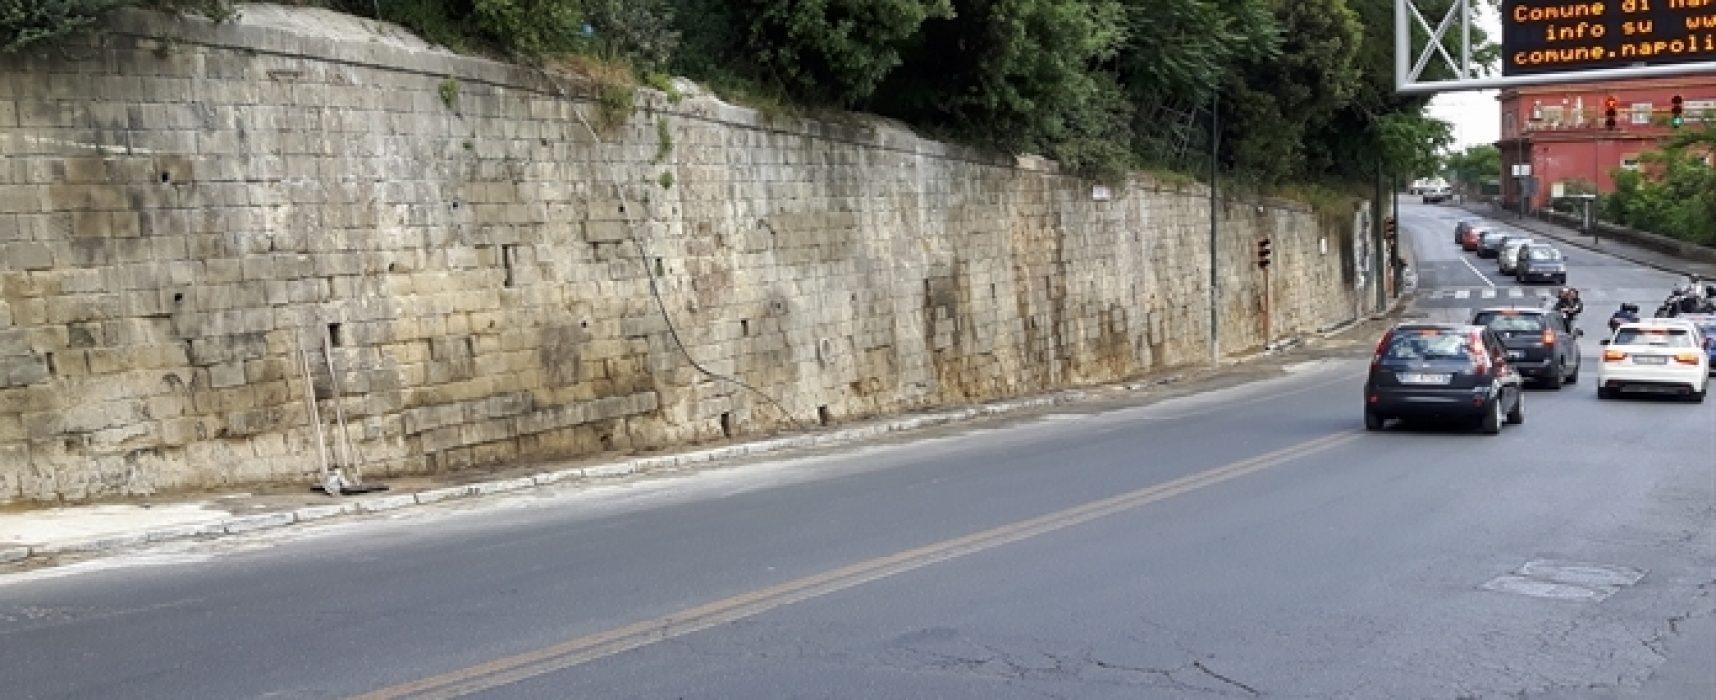 Bosco di Capodimonte pronto Restyling muro di cinta